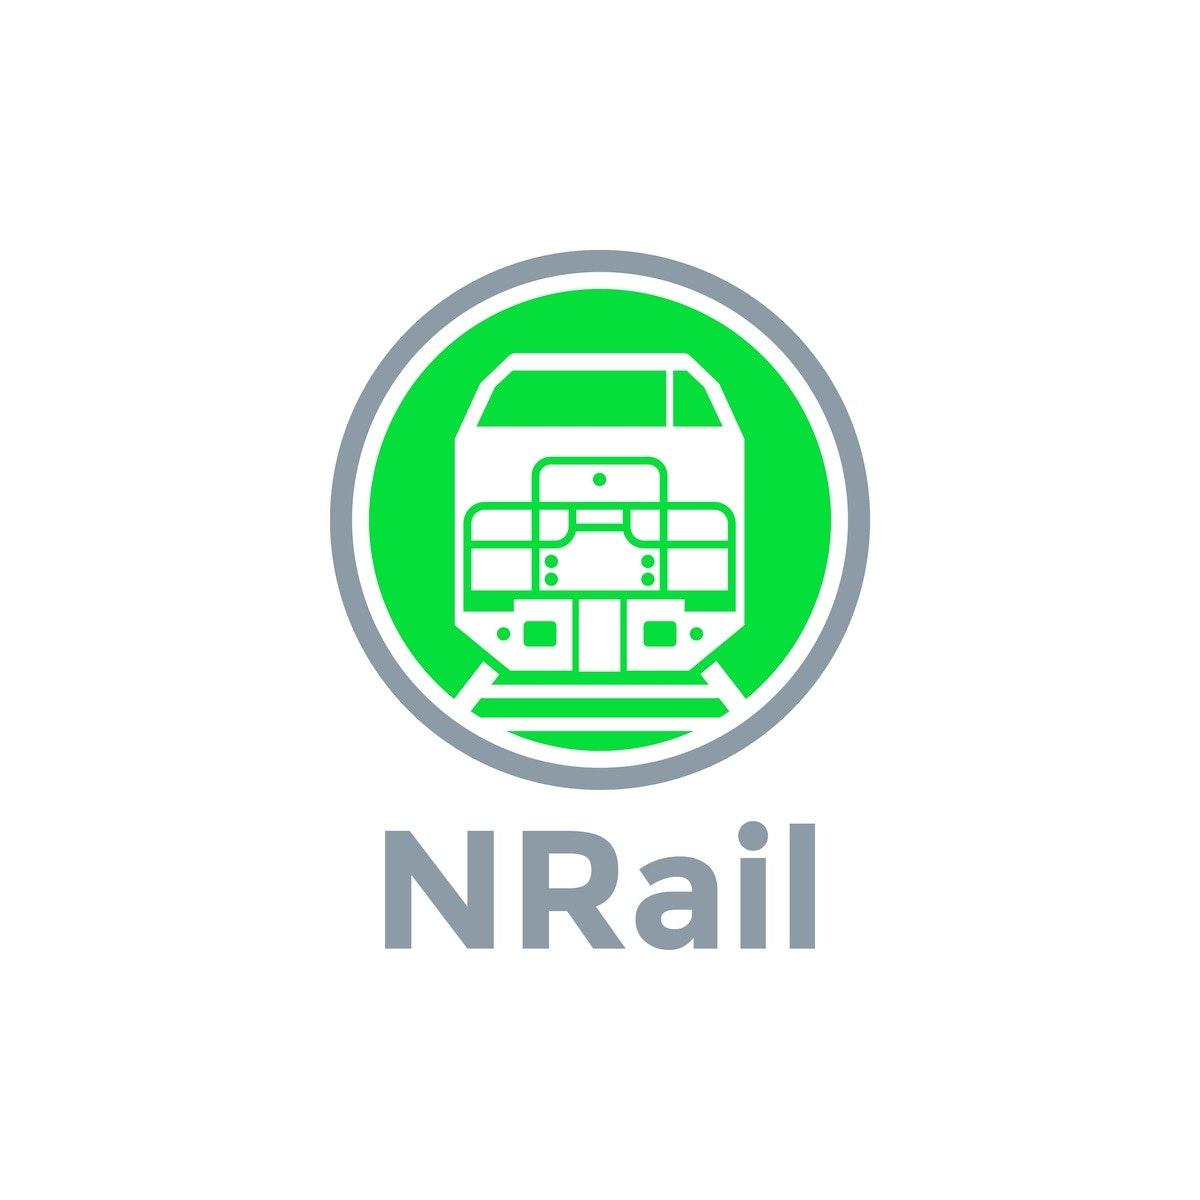 NRail GmbH